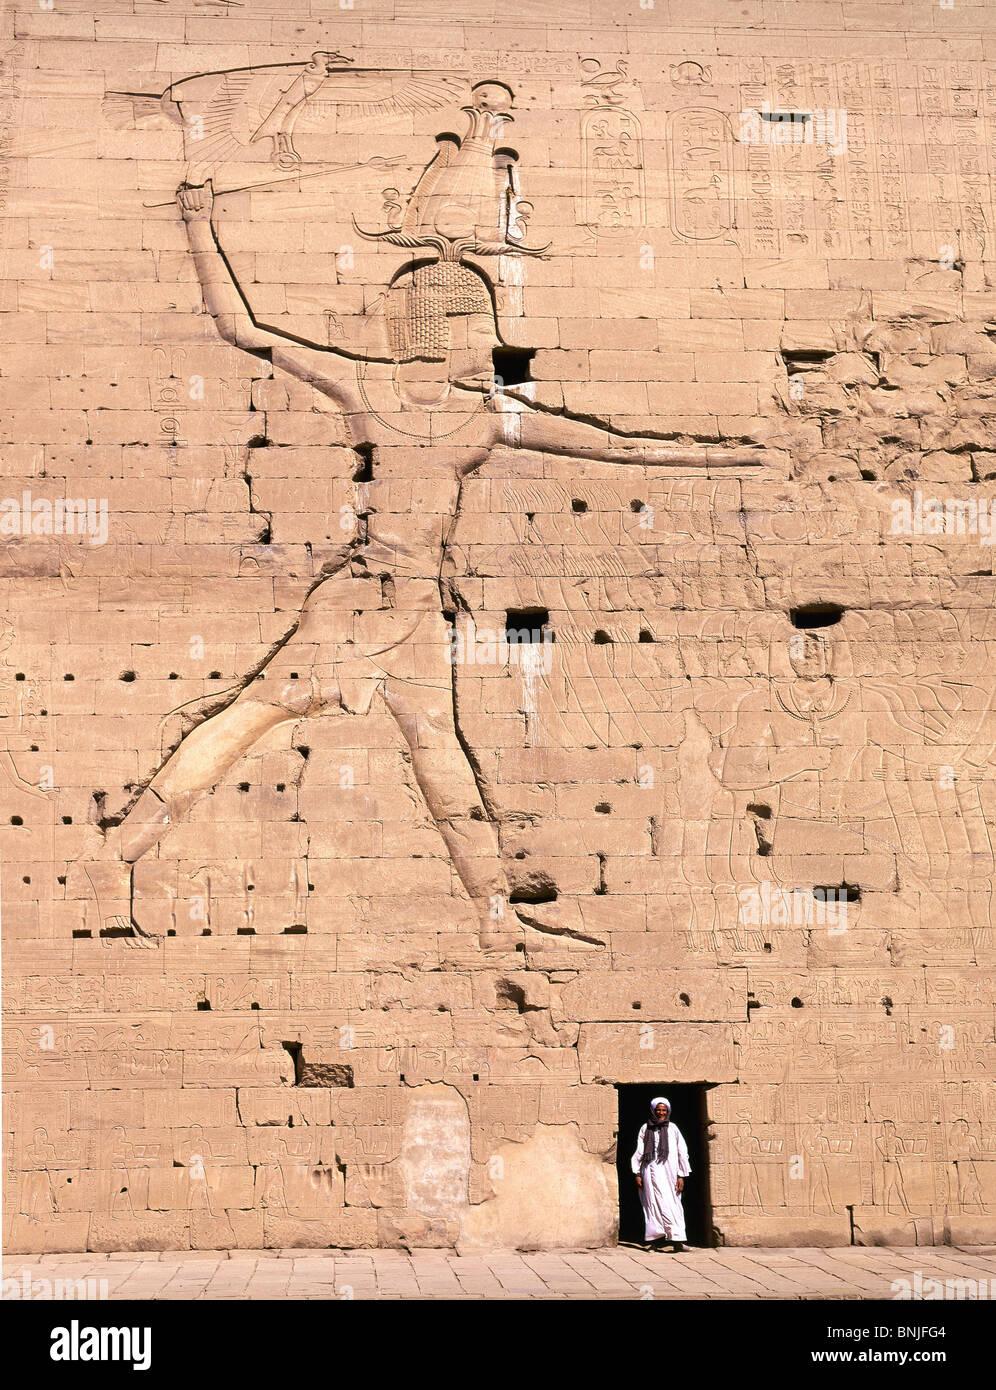 Egitto Marzo 2007 città di Edfu Tempio di Horus antica cultura storica parete uomo Immagini Stock